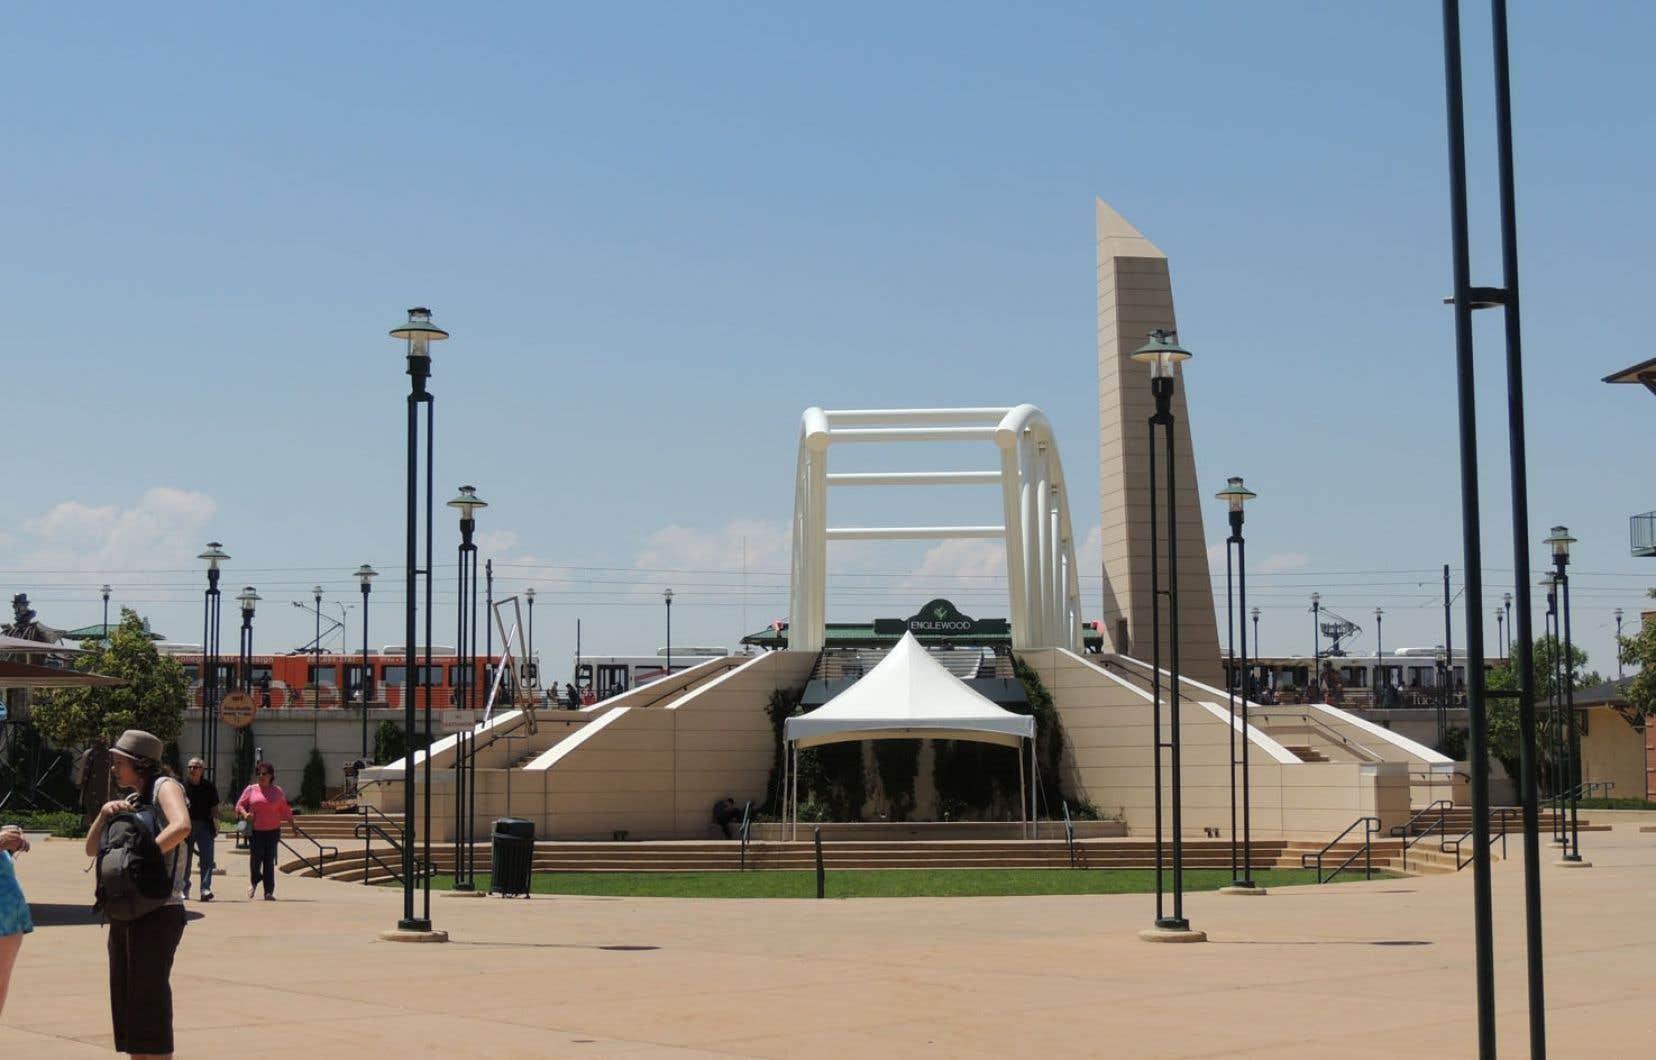 Une immense place centrale, ornée d'une fontaine et d'œuvres d'art public, accueille l'hôtel de ville, un centre communautaire, un musée et une bibliothèque.